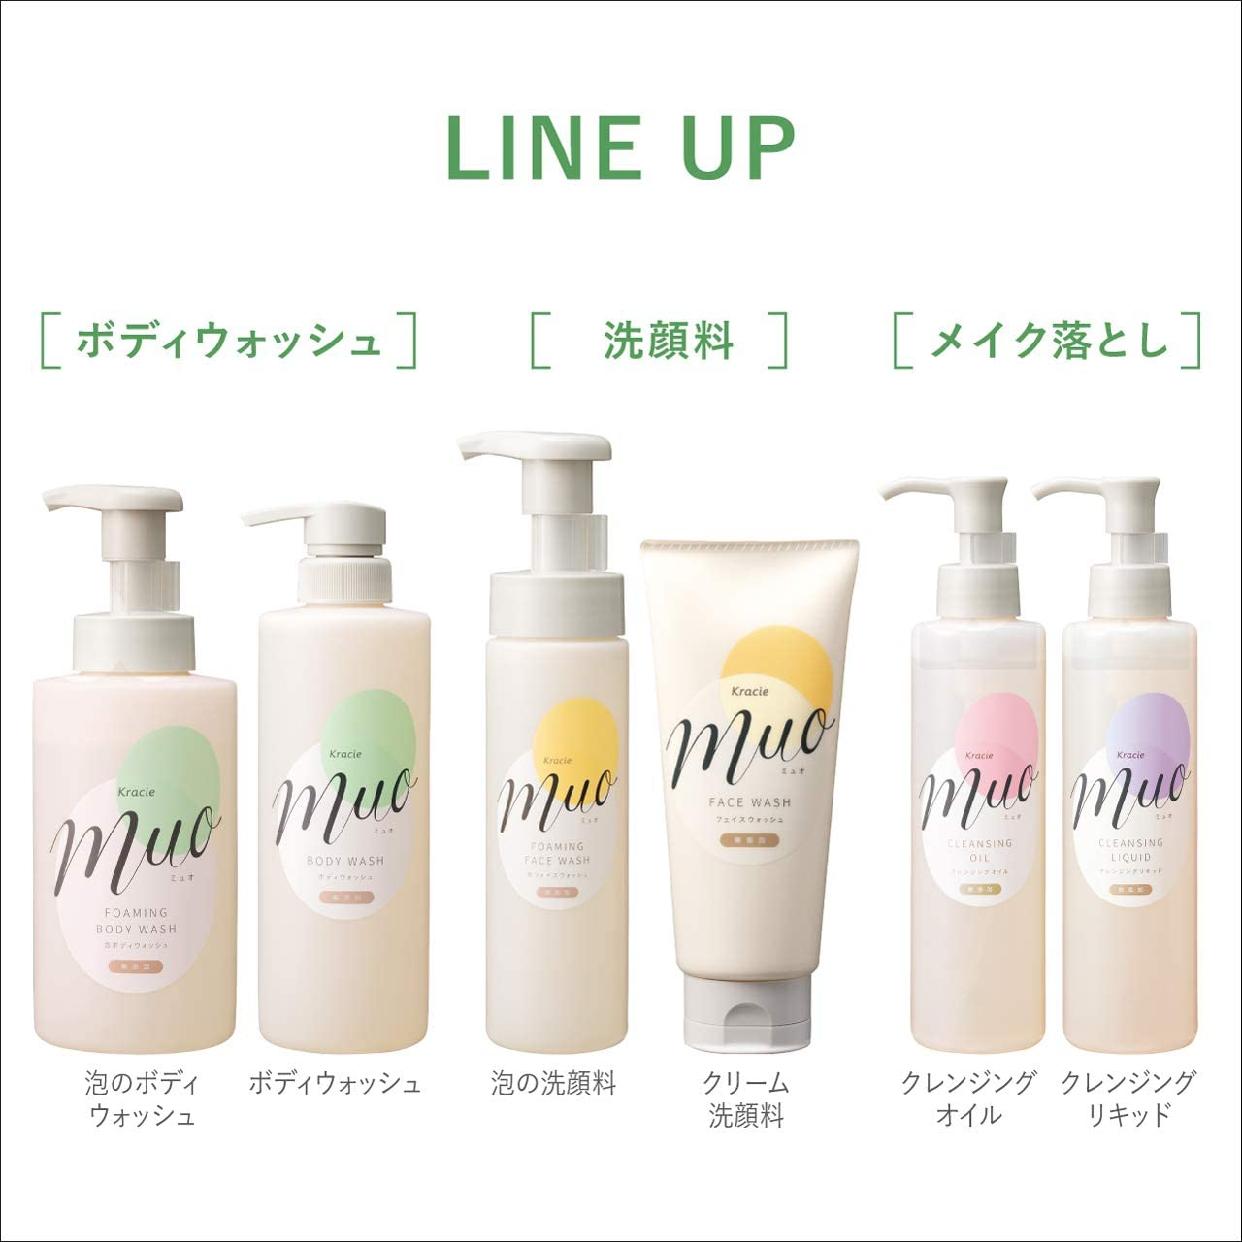 muo(ミュオ) 泡の洗顔料の商品画像7